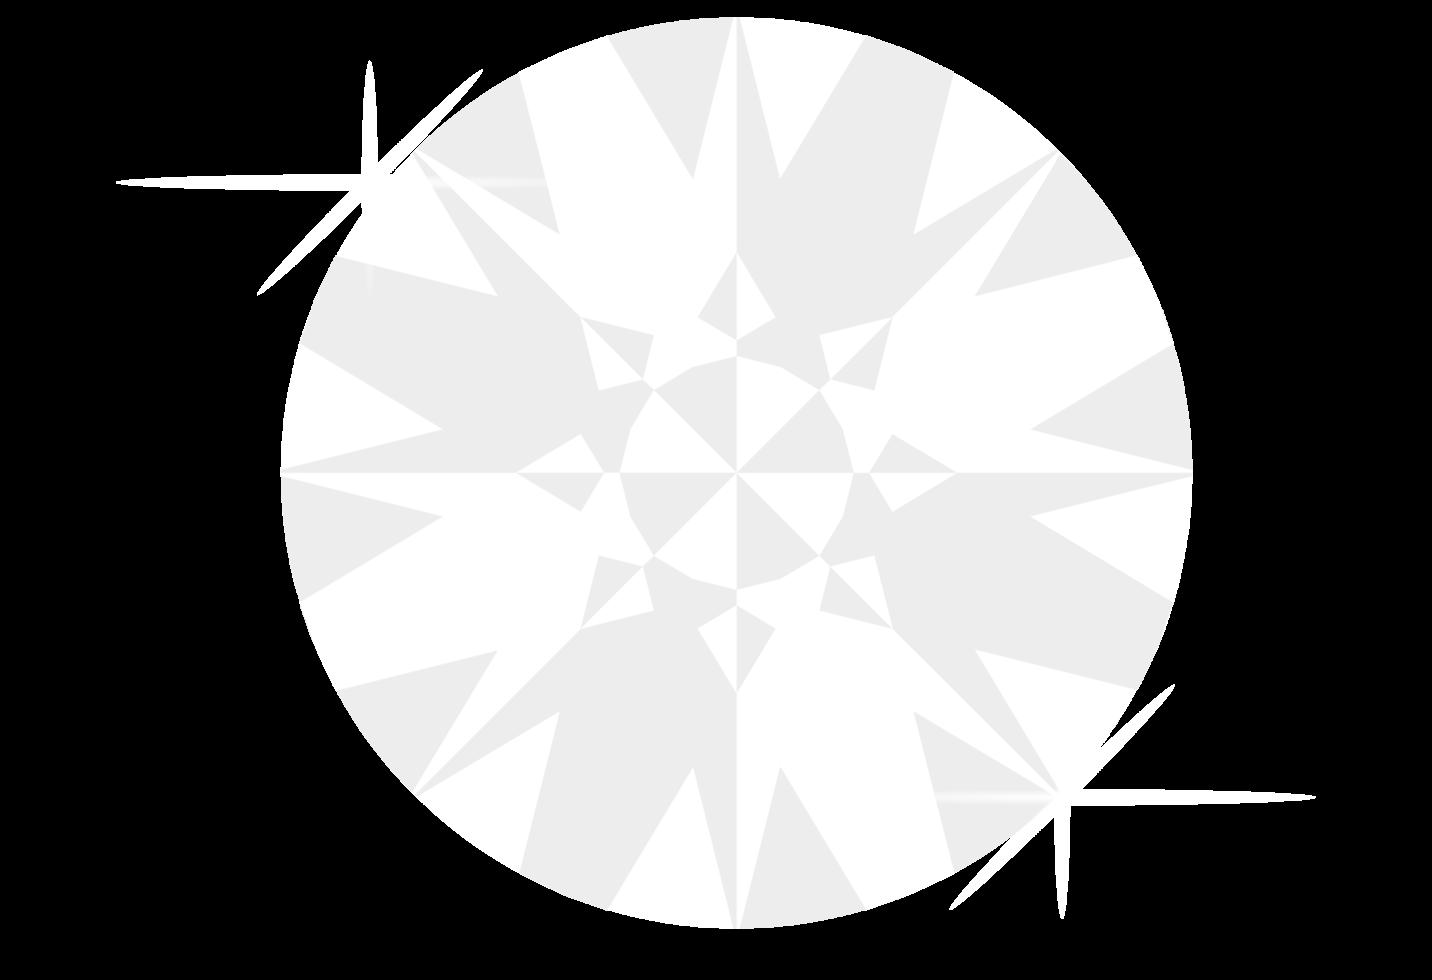 diamant pierre gemme png